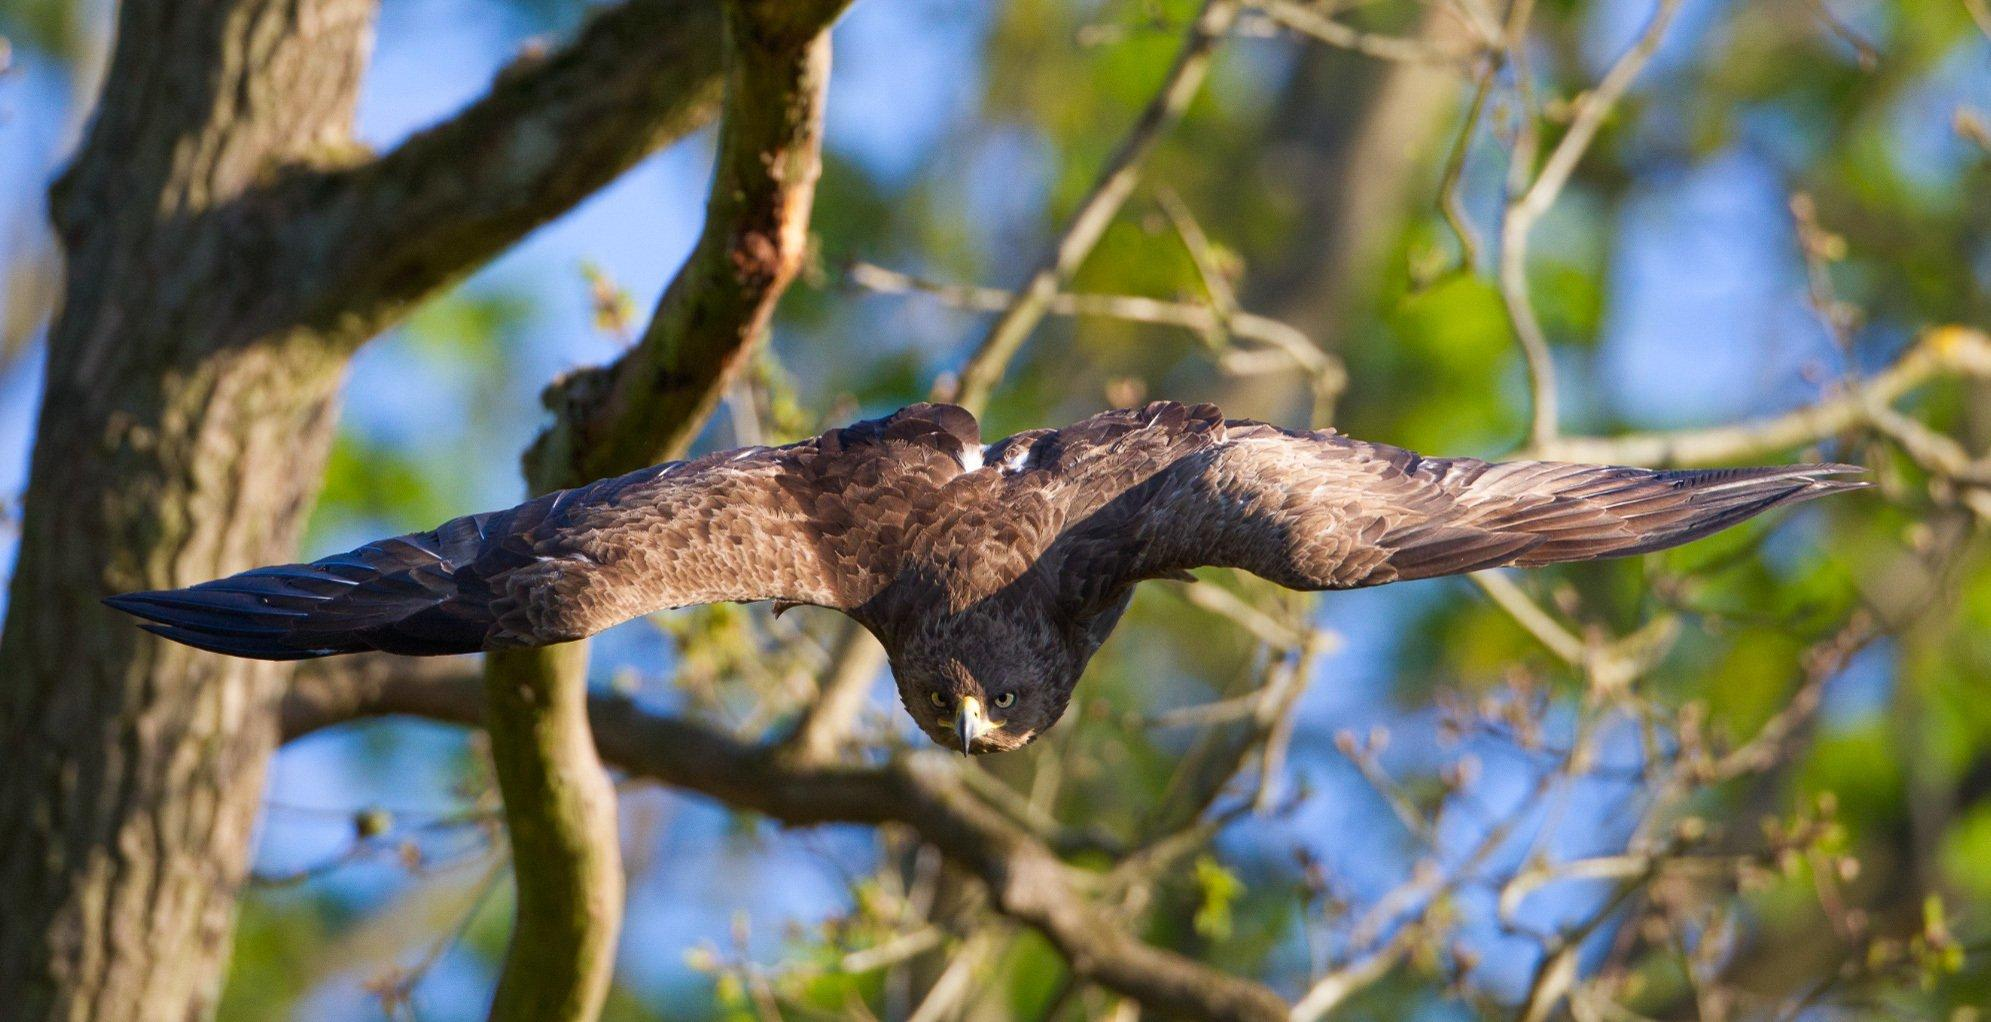 Ein großer brauner Greifvogel fliegt mit weit ausgebreiteten Schwingen auf den Betrachter zu. Im Hintergrund Äste.